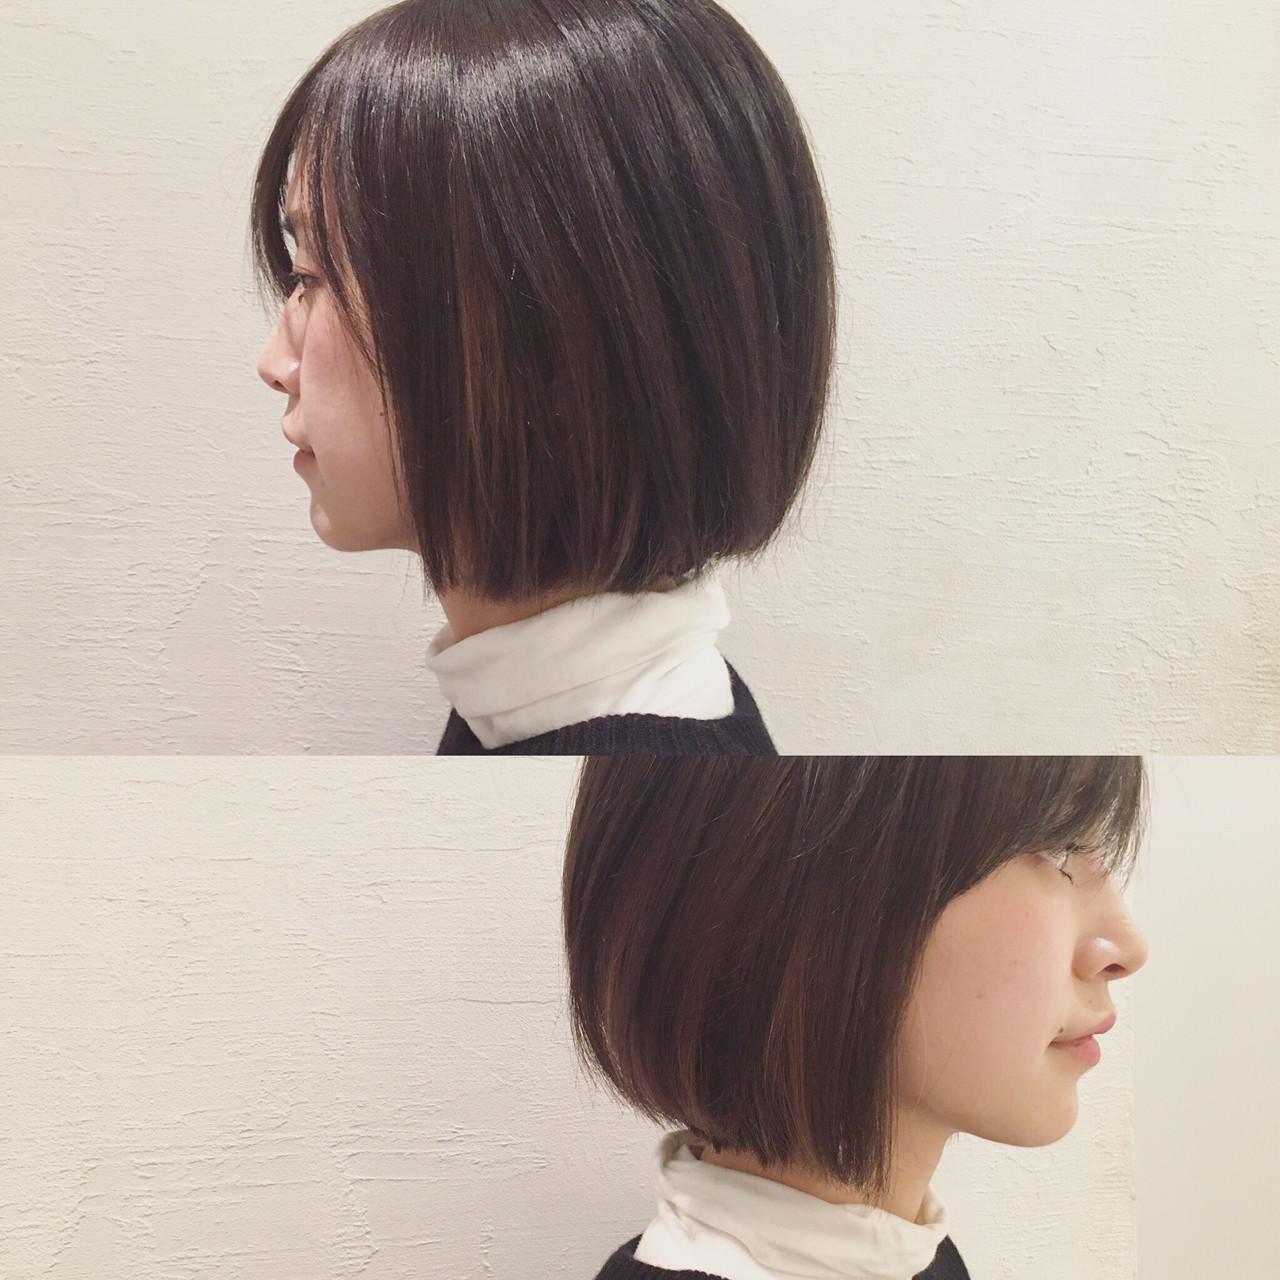 ハイライト ナチュラル ボブ 色気 ヘアスタイルや髪型の写真・画像